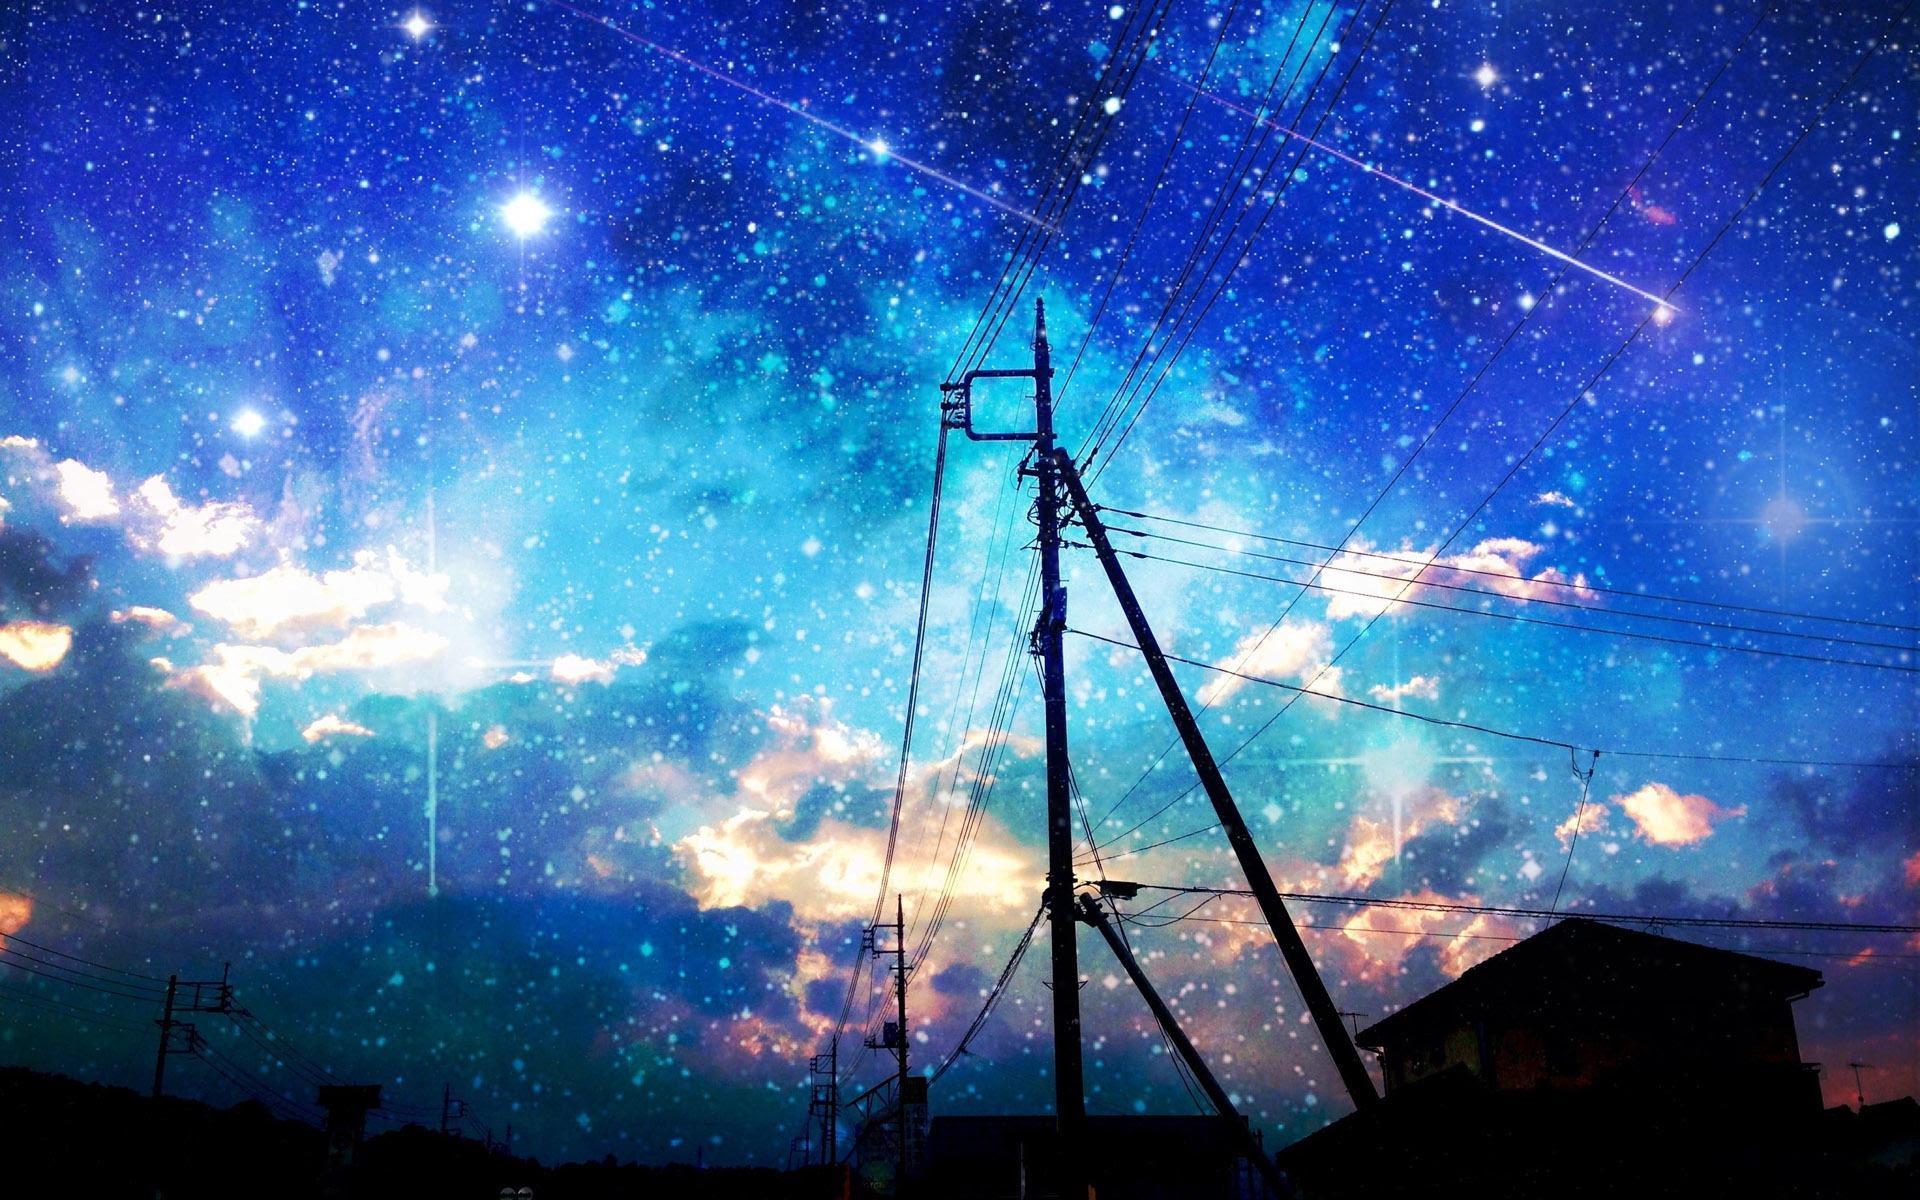 Anime Night Sky